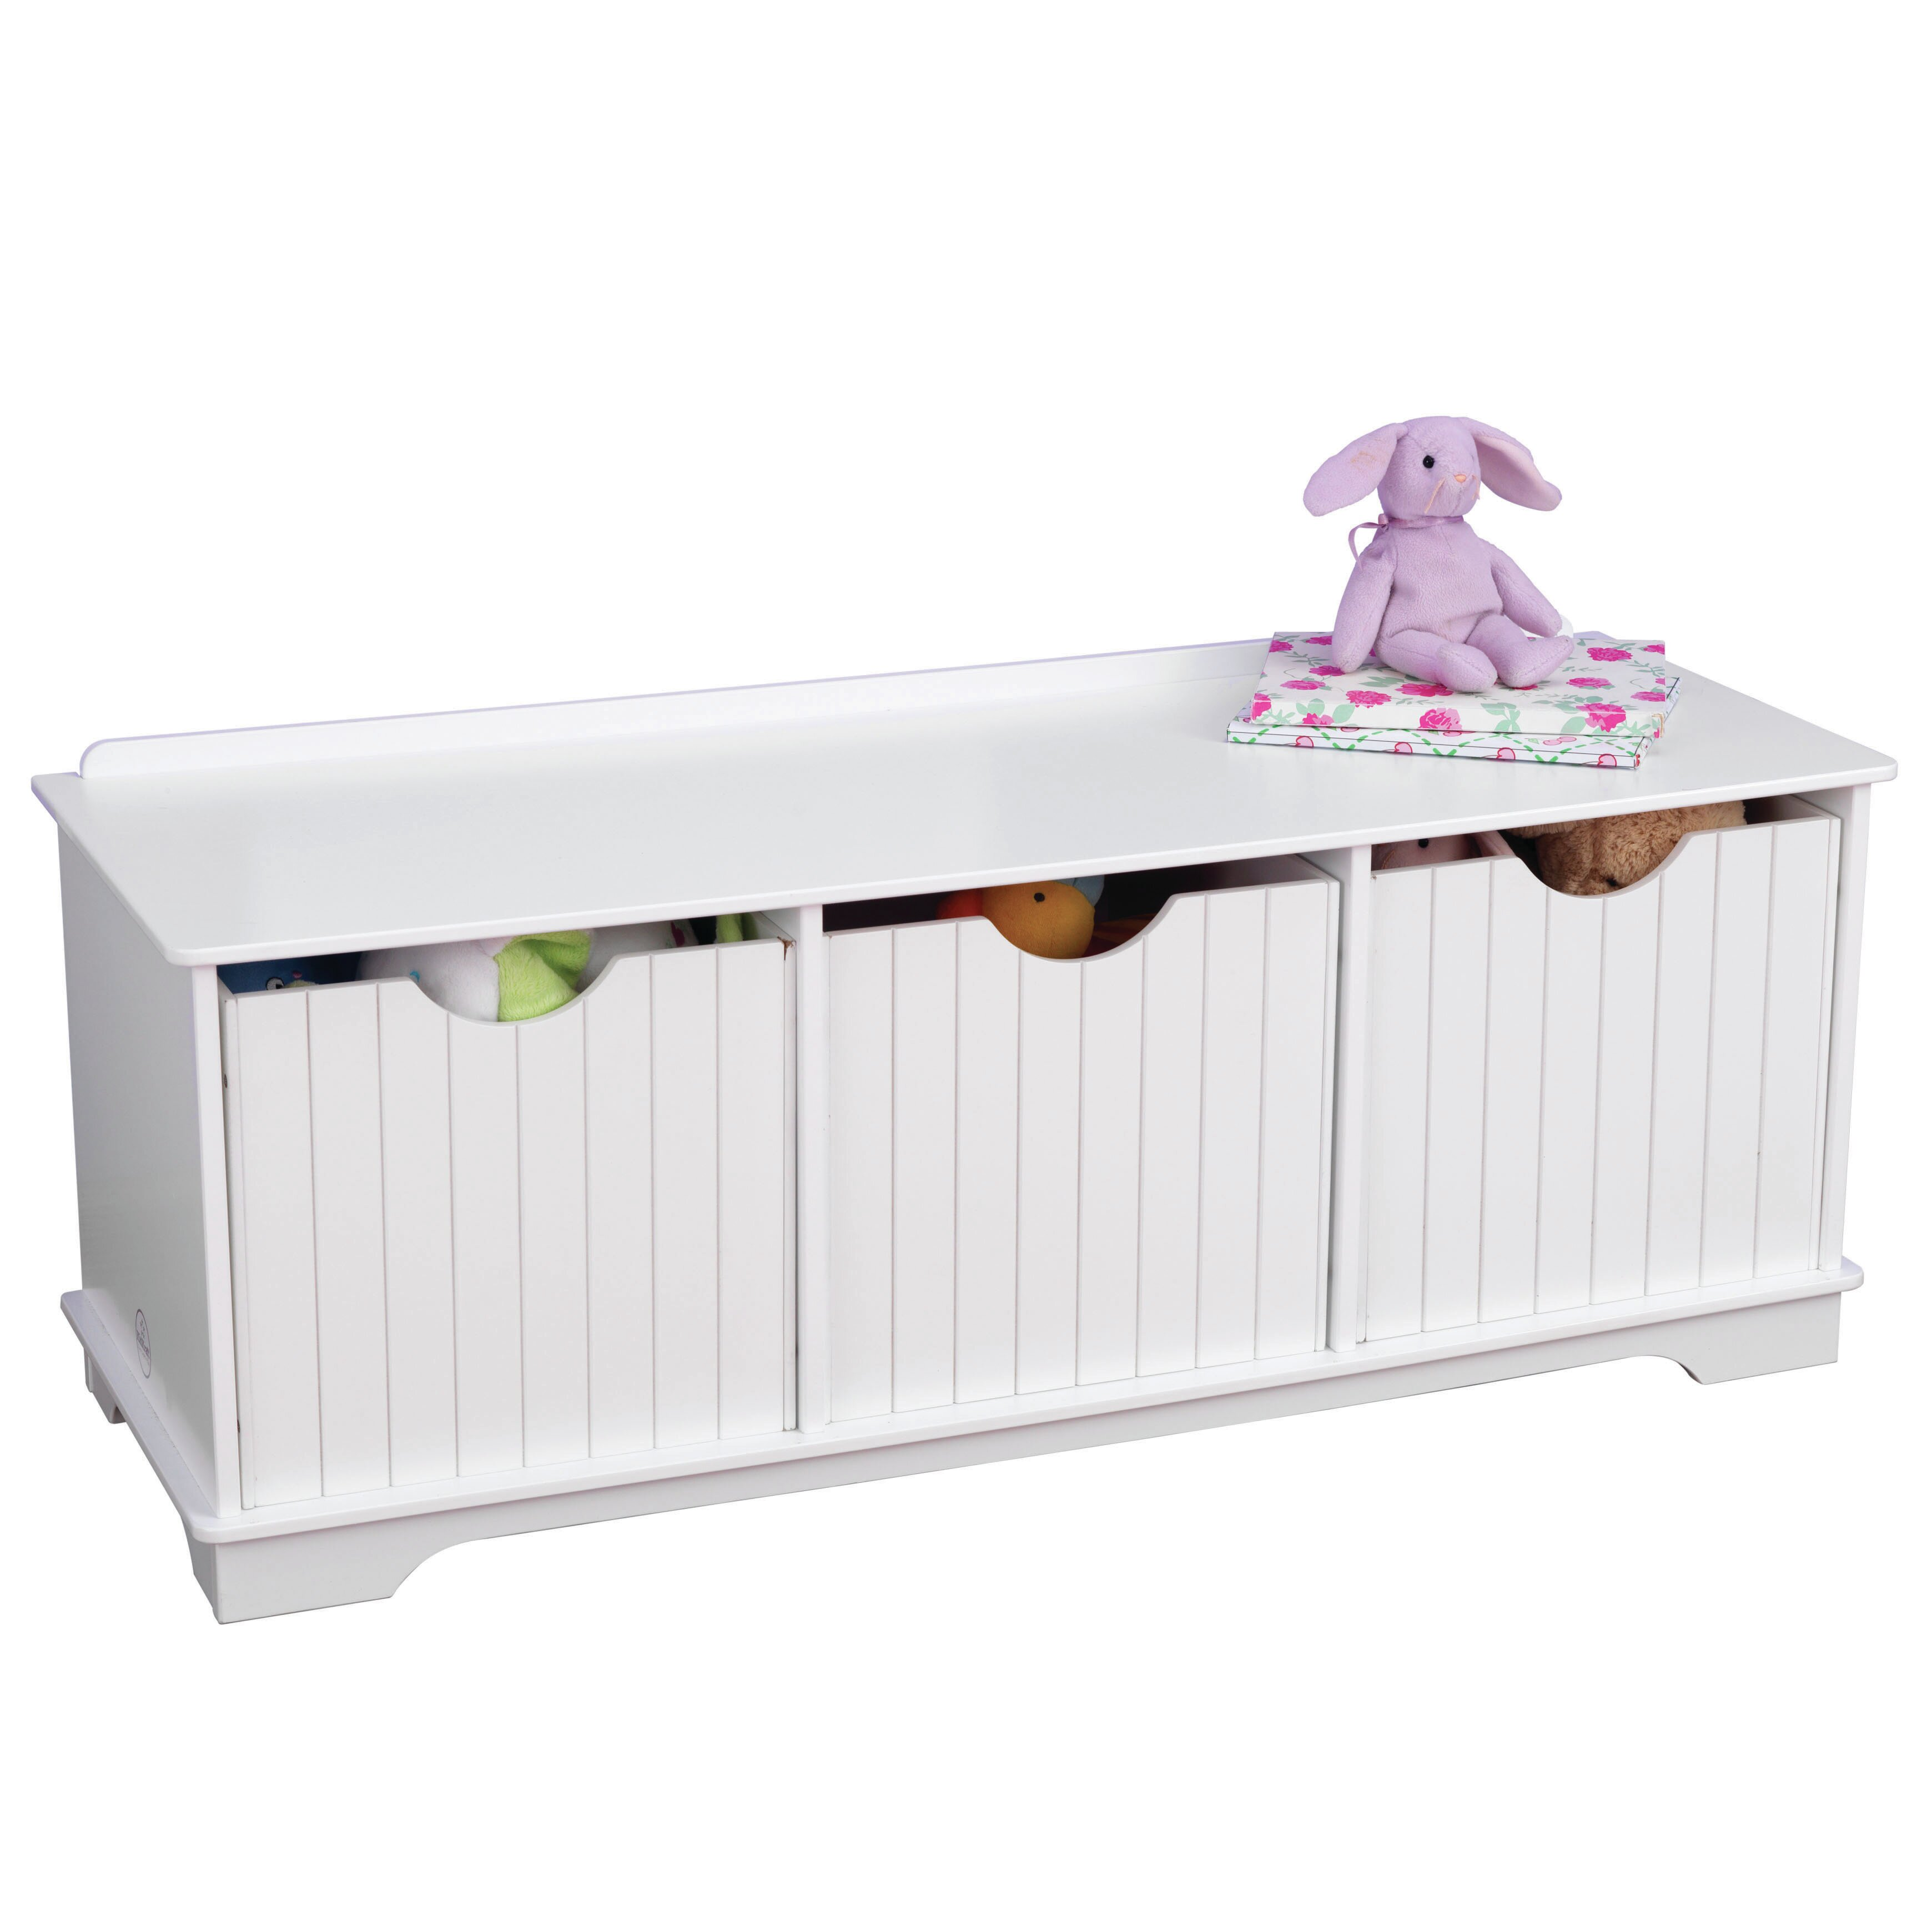 Kidkraft Nantucket Toy Storage Bench Reviews Wayfair